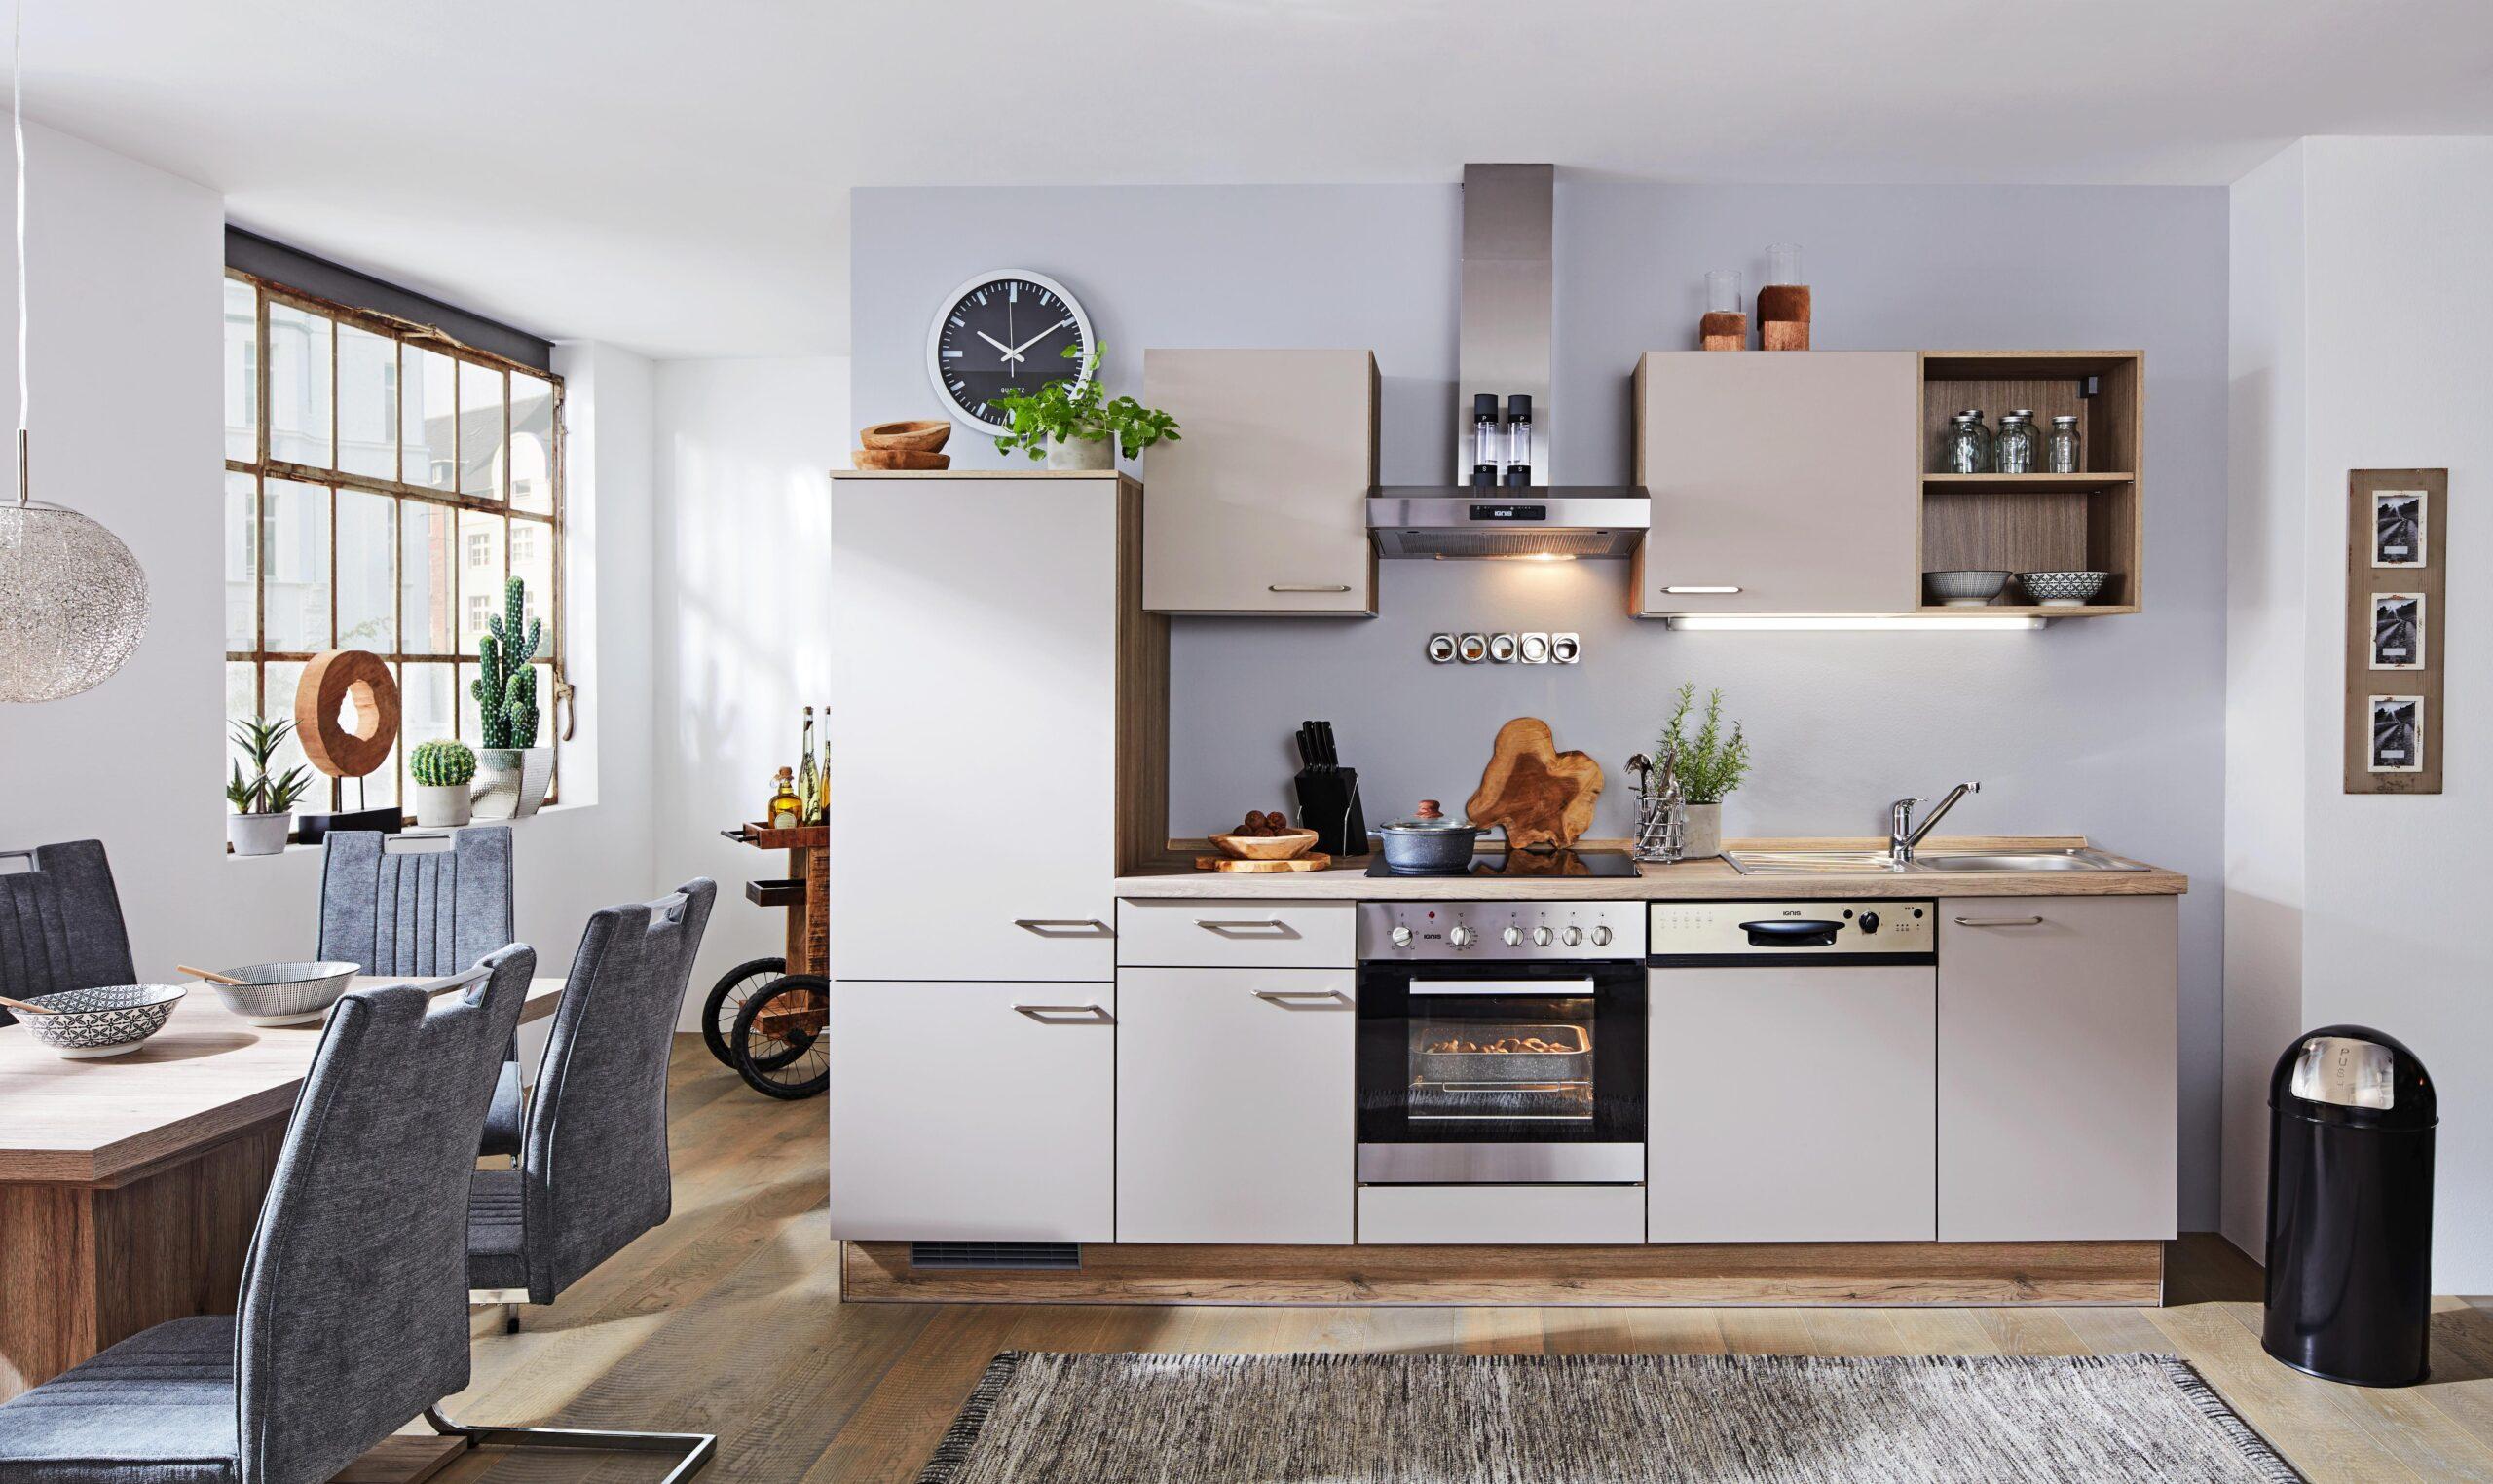 Full Size of Pino Küchenzeile Kchenblock In Fango Online Shoppen Pinolino Bett Küche Wohnzimmer Pino Küchenzeile